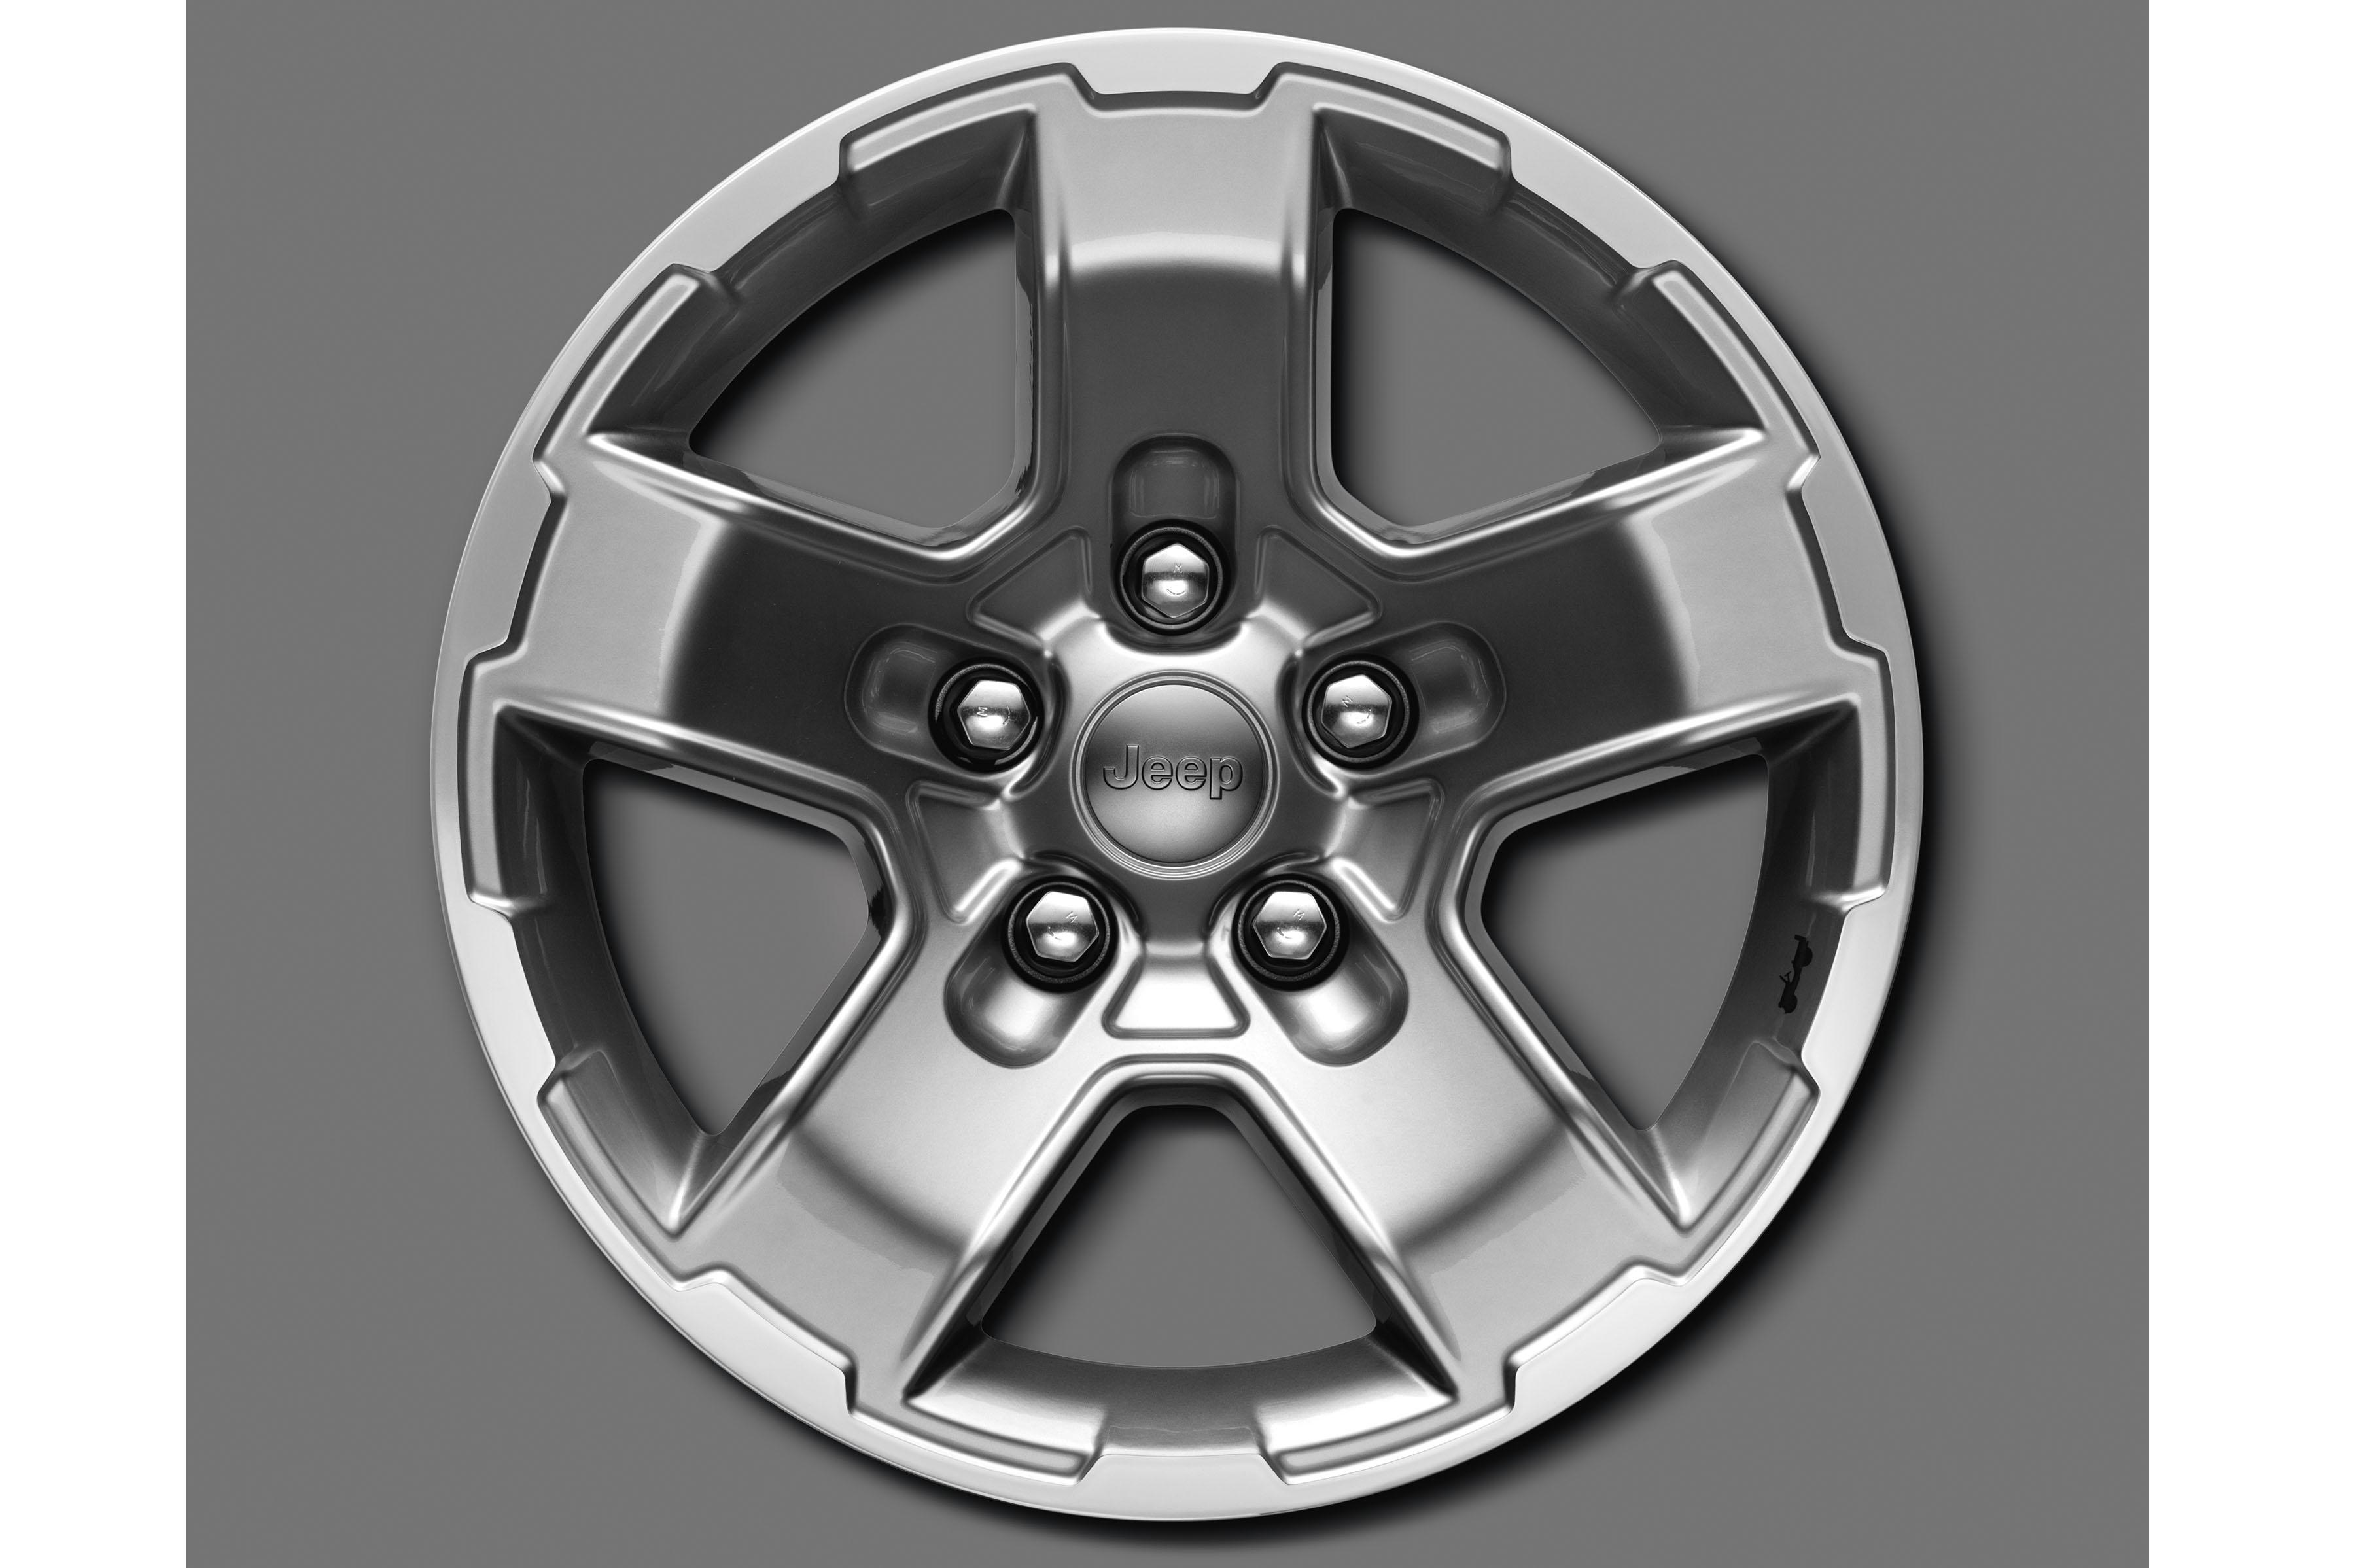 2018 Jeep Wrangler Mopar Wheel